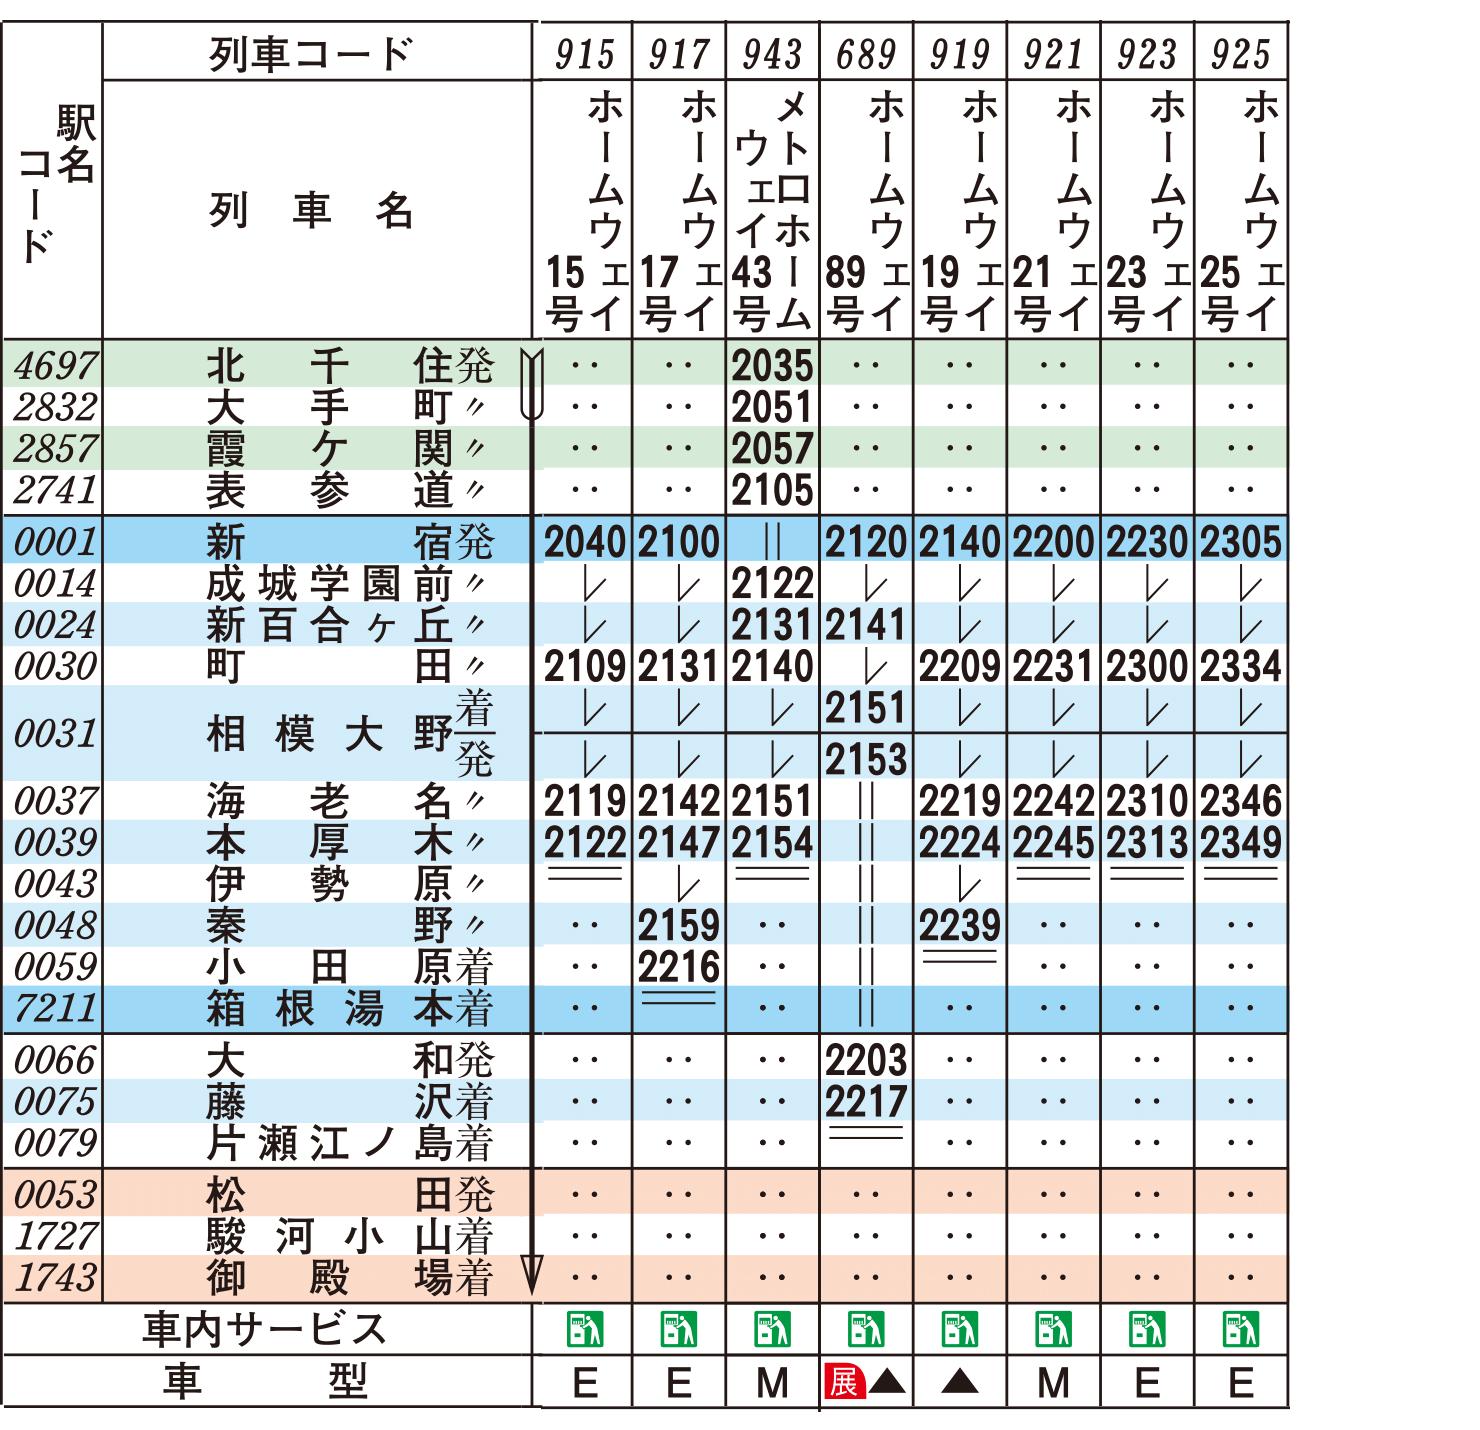 線 状況 小田急 運行 小田急線の遅延などの正確な運行情報を確認するには「小田急線列車運行状況」